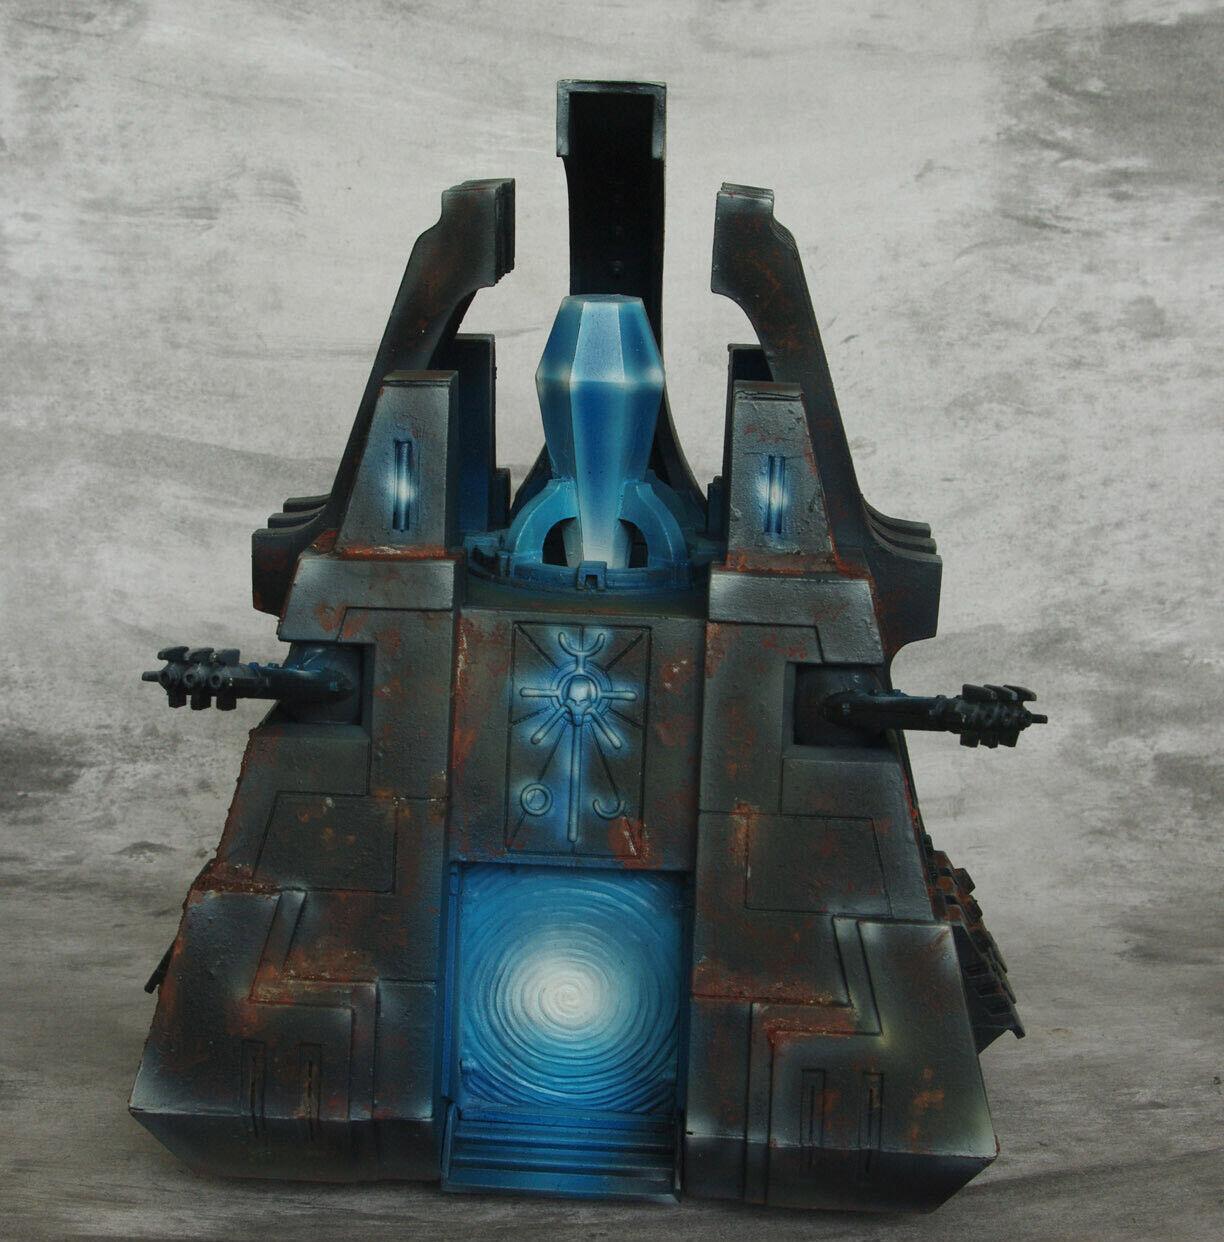 Necron monolito Pro Pintado oscuros WH40k 40k warhammer